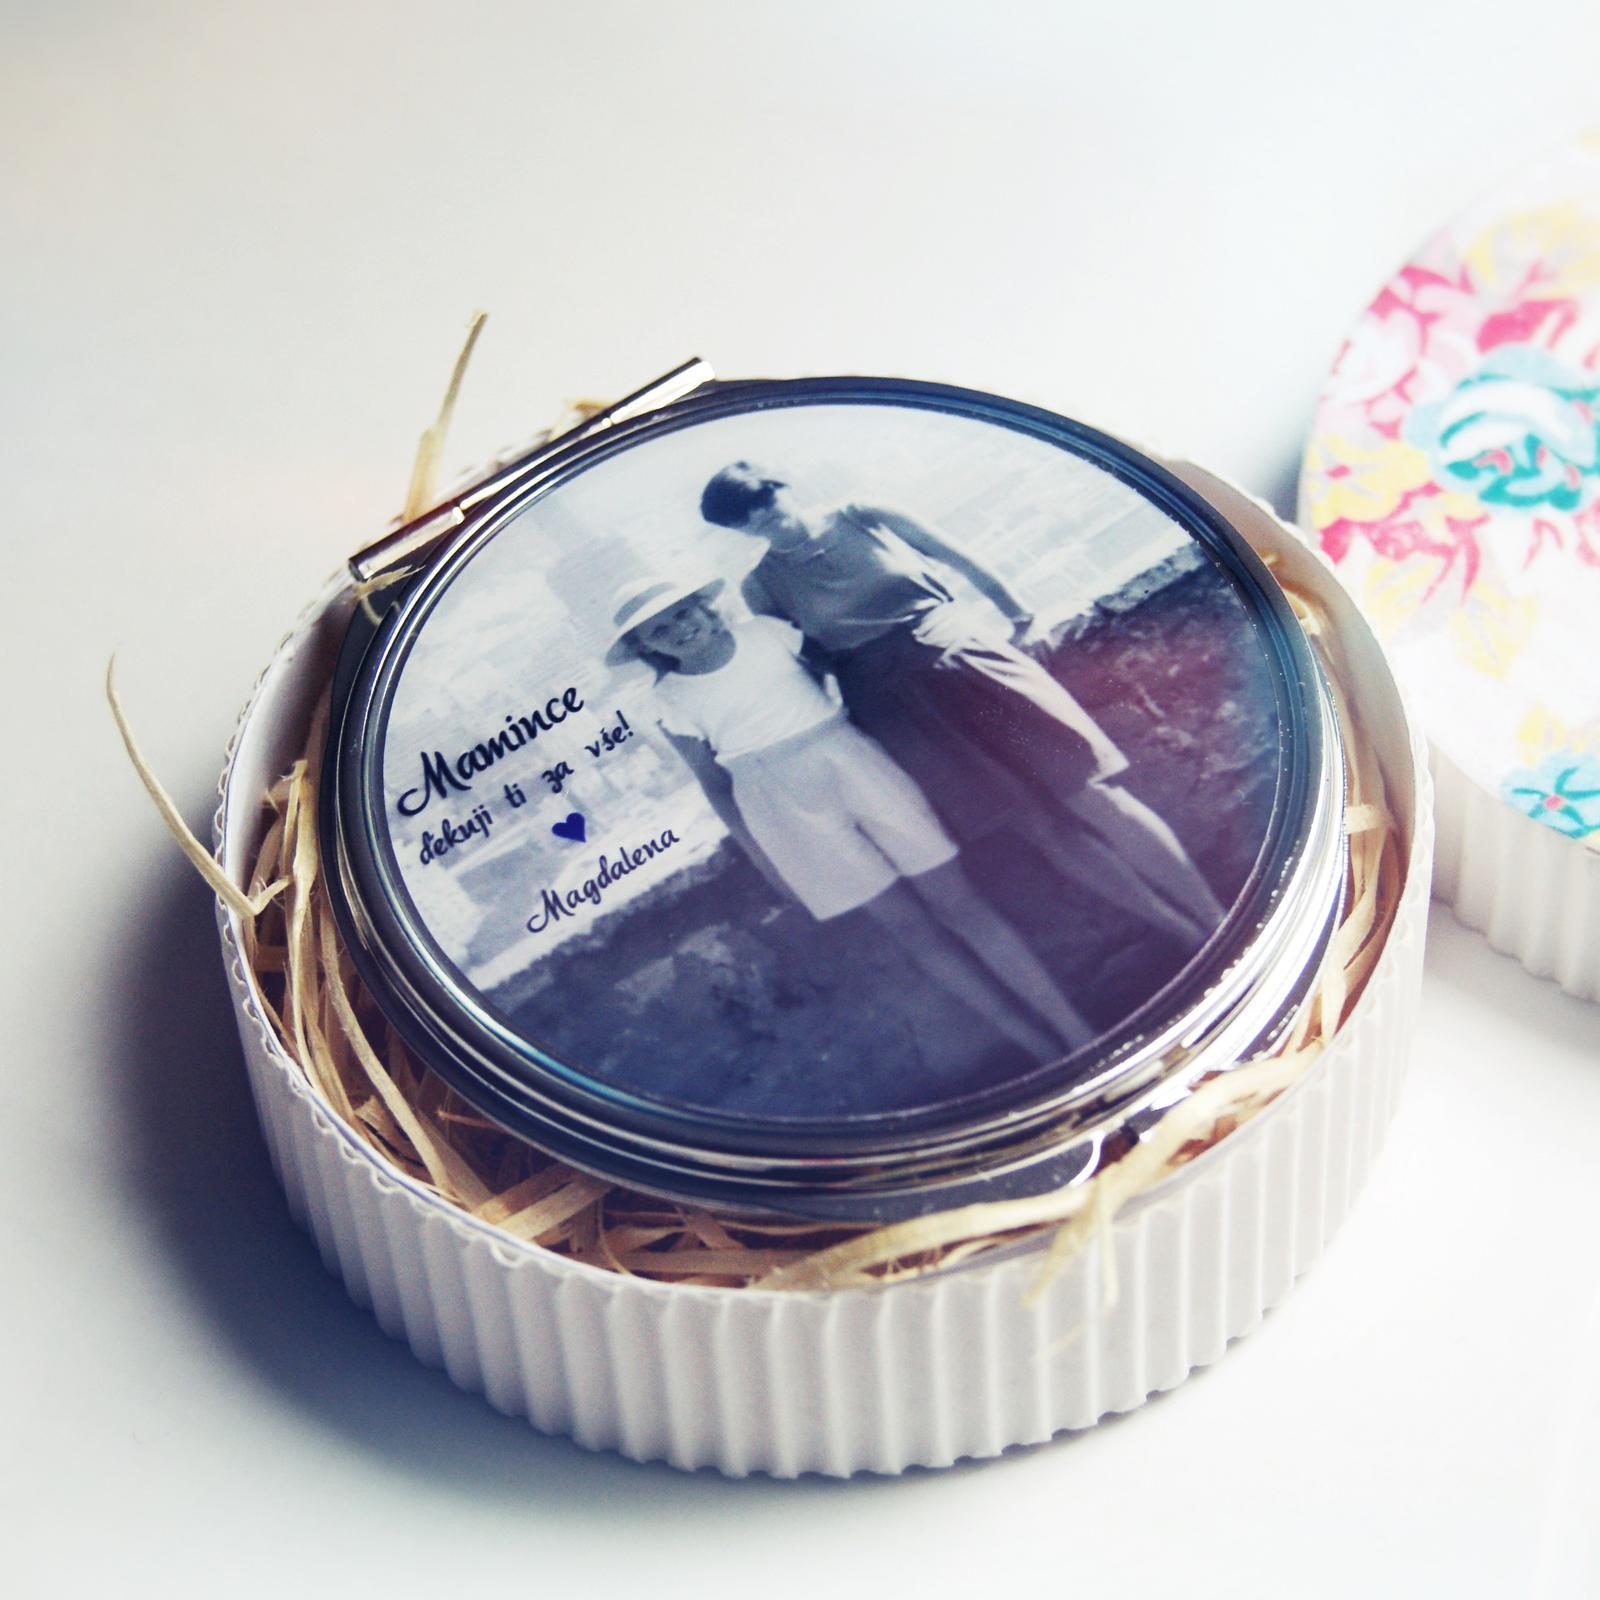 Svatby v druhé polovině roku 2016 - Zrcátko pro maminku nakombinované se vzpomínkovou fotkou z dětství - to potěší zaručeně každou mamku :)